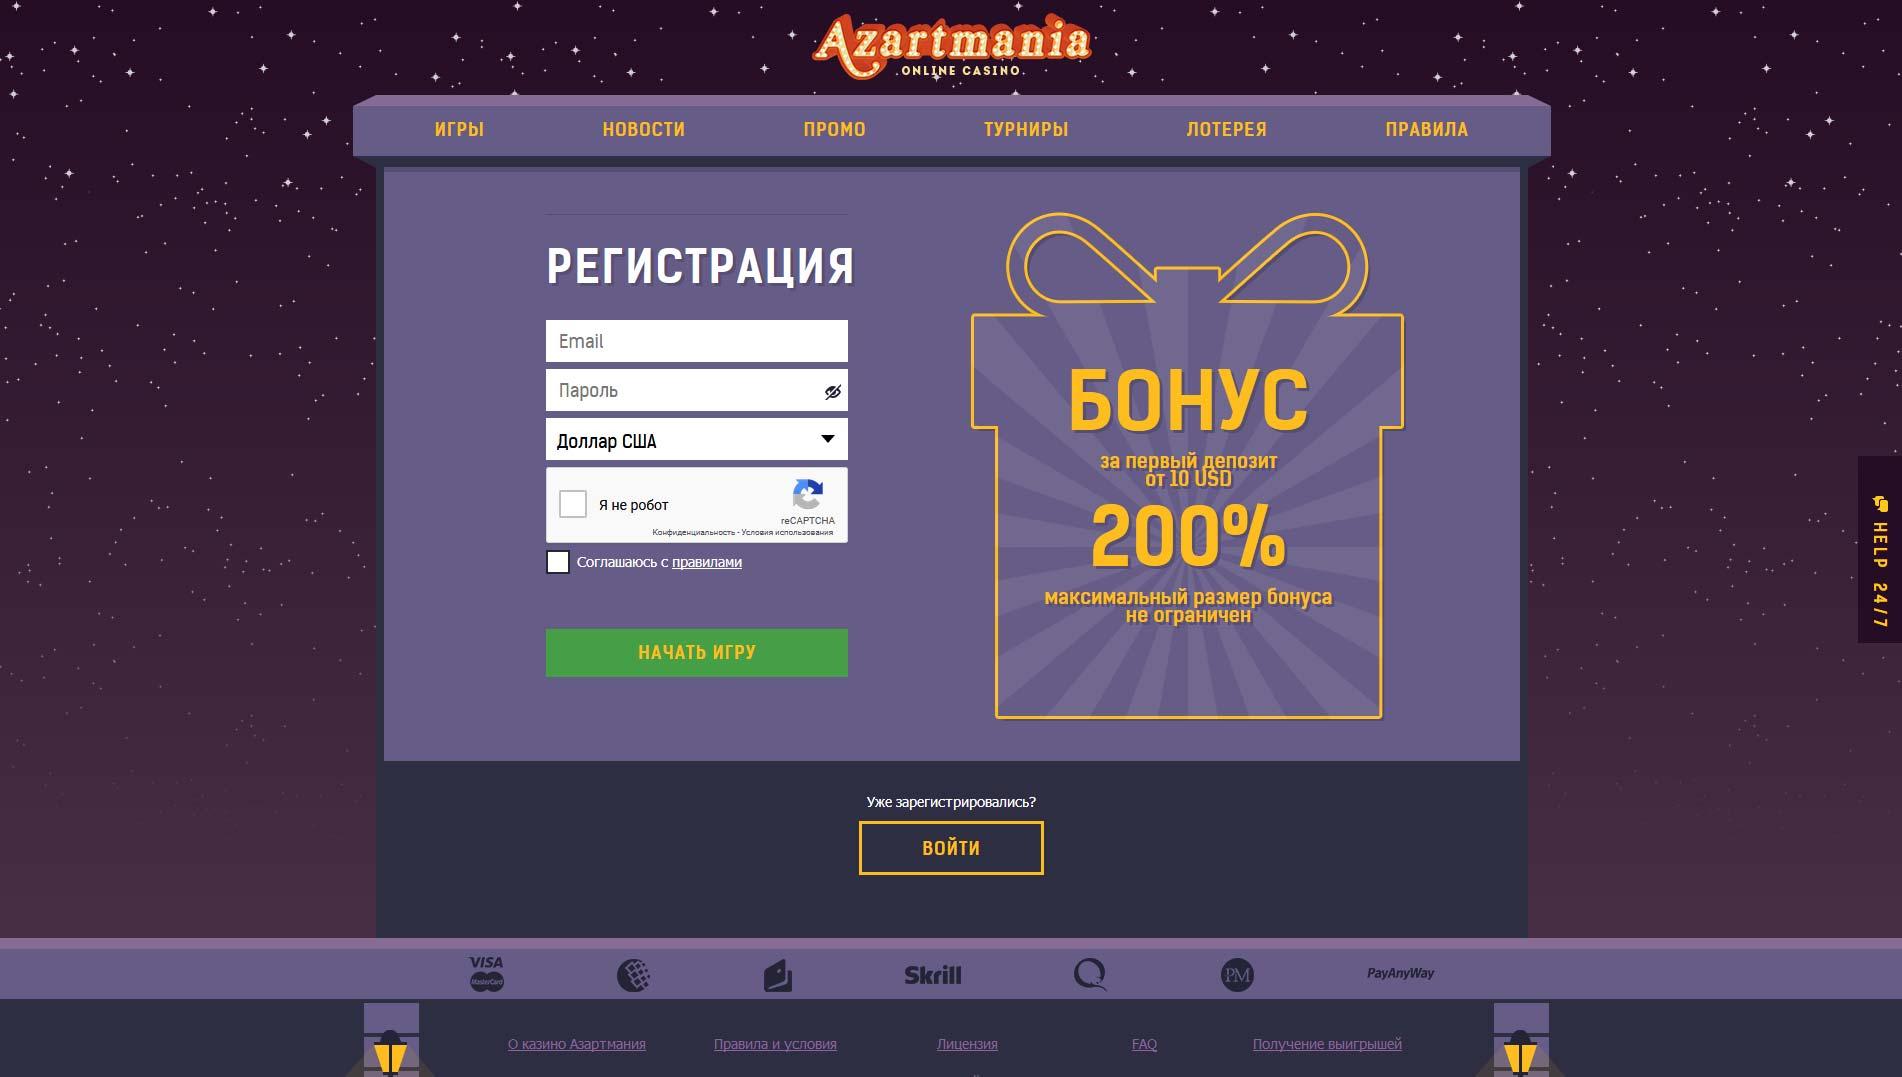 азартмания казино вход регистрация